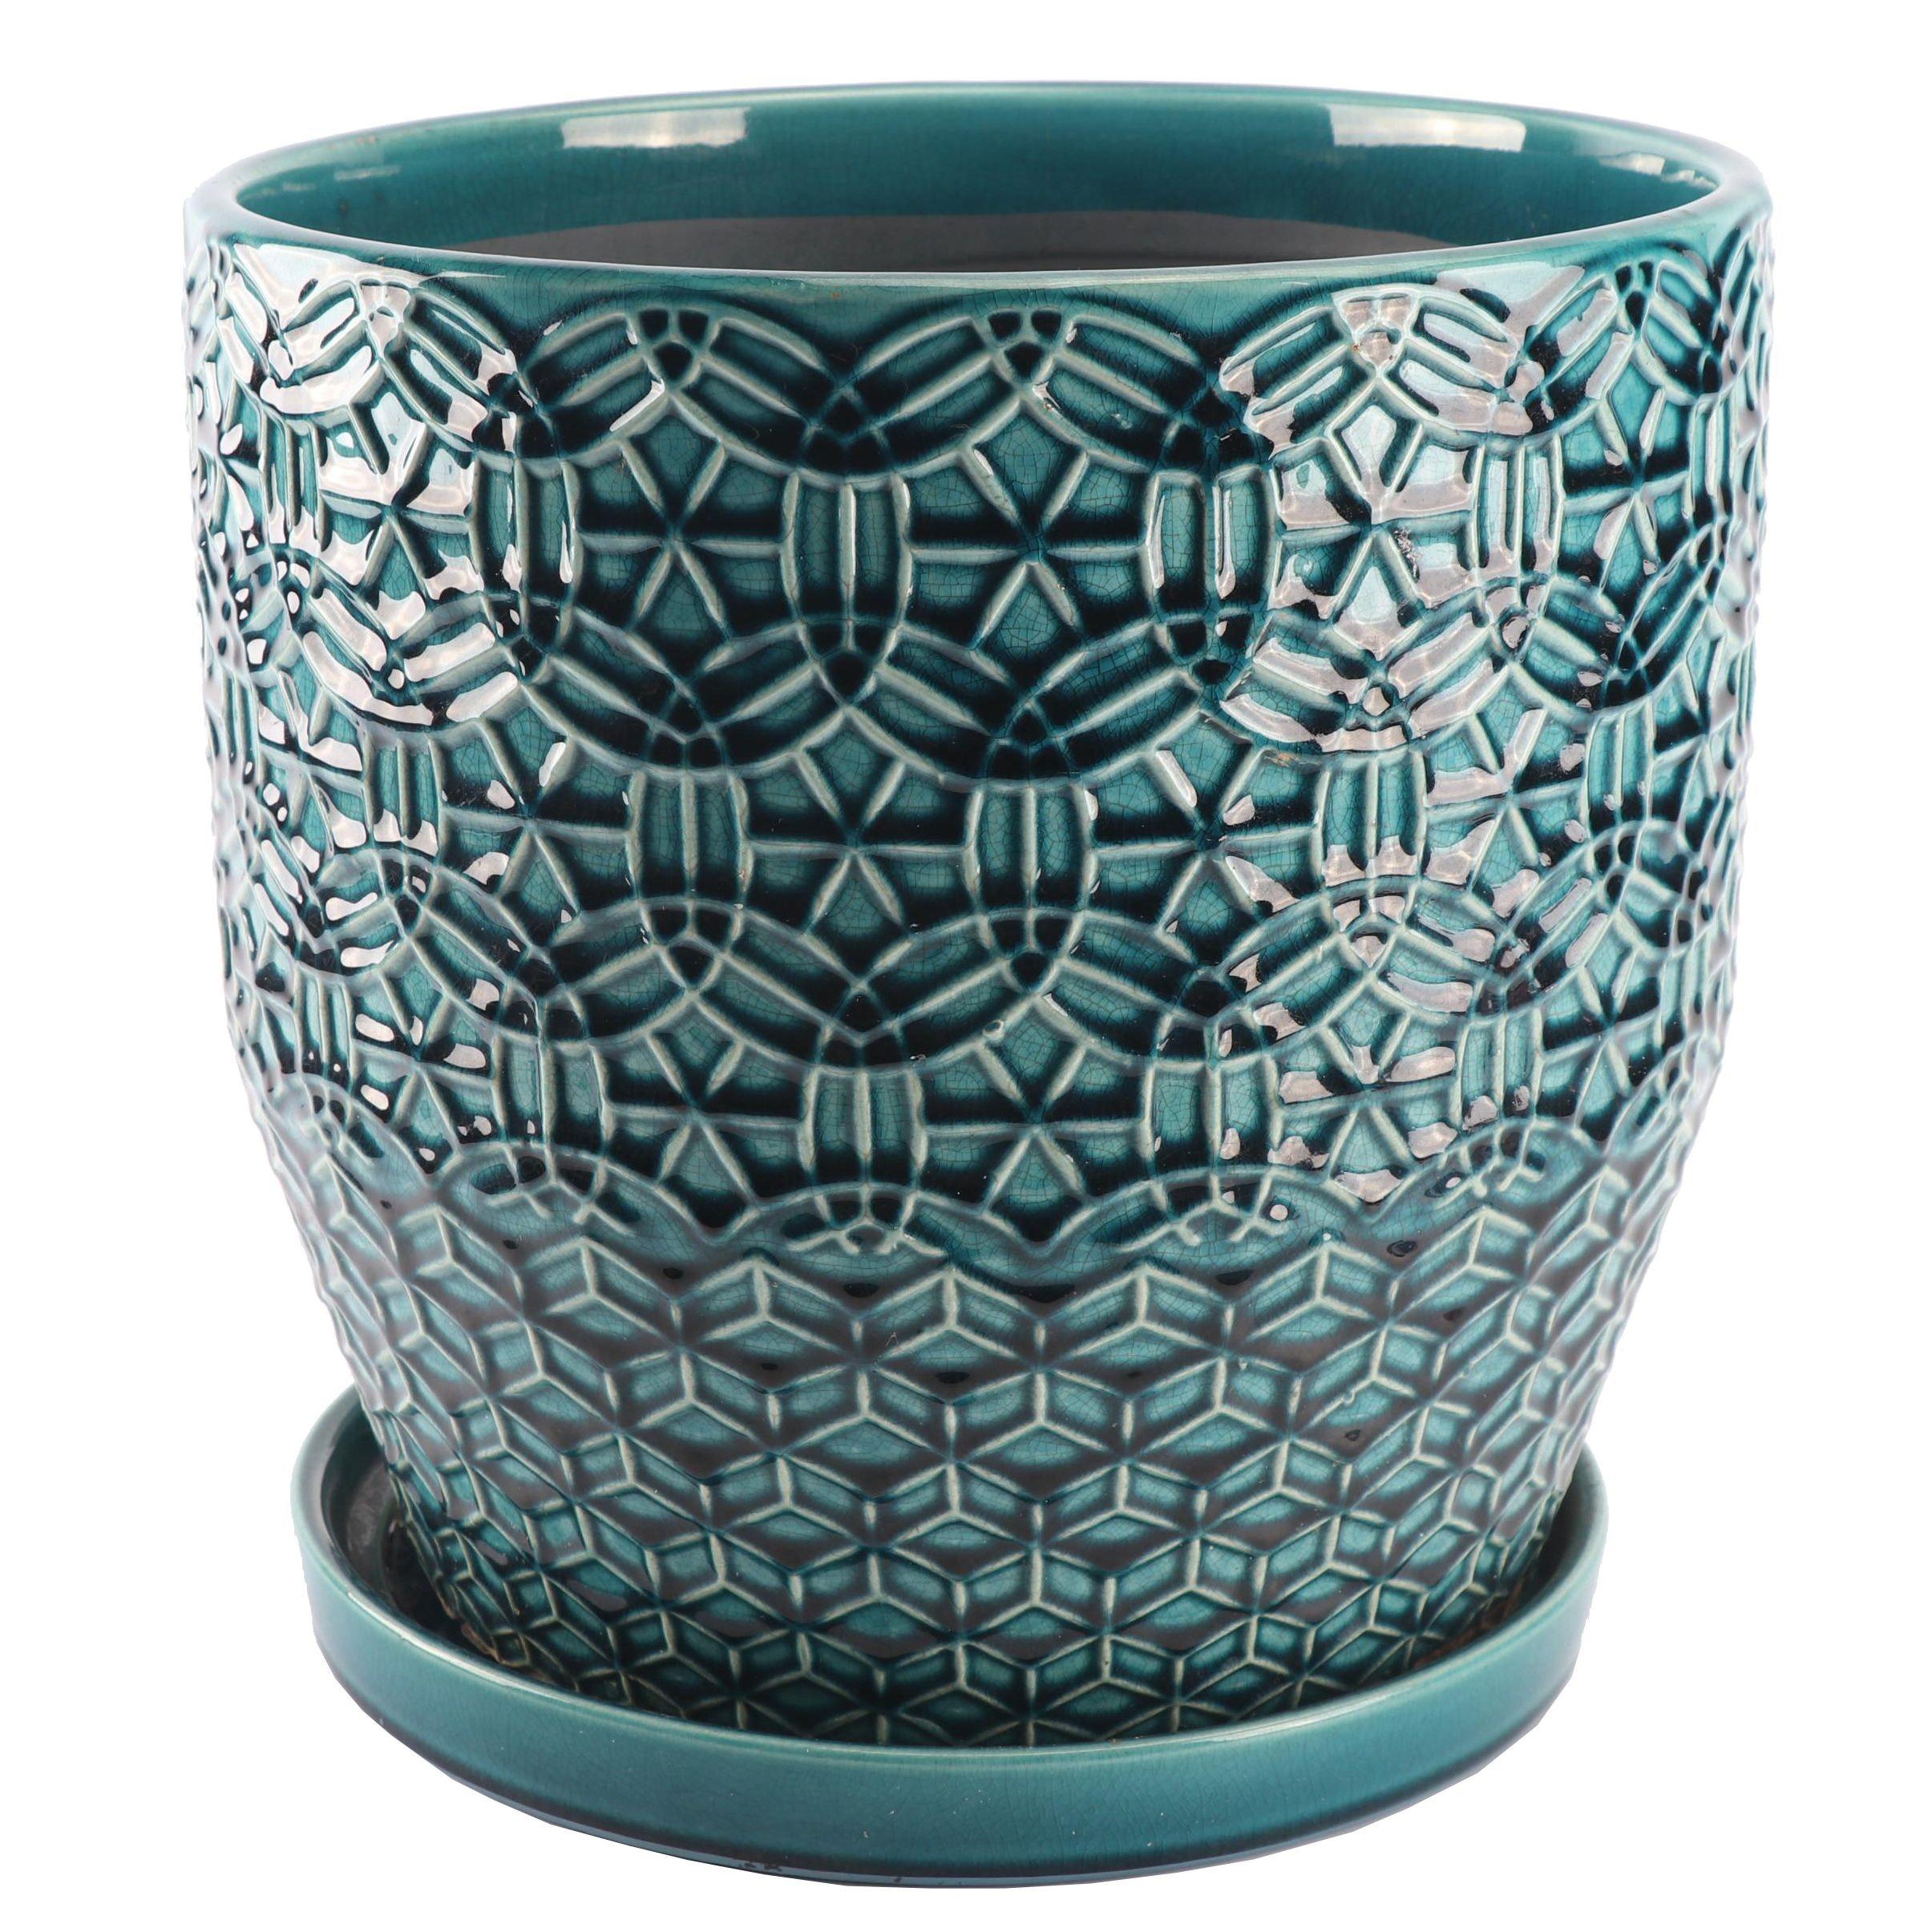 Ceramic Planter with Geometric Design